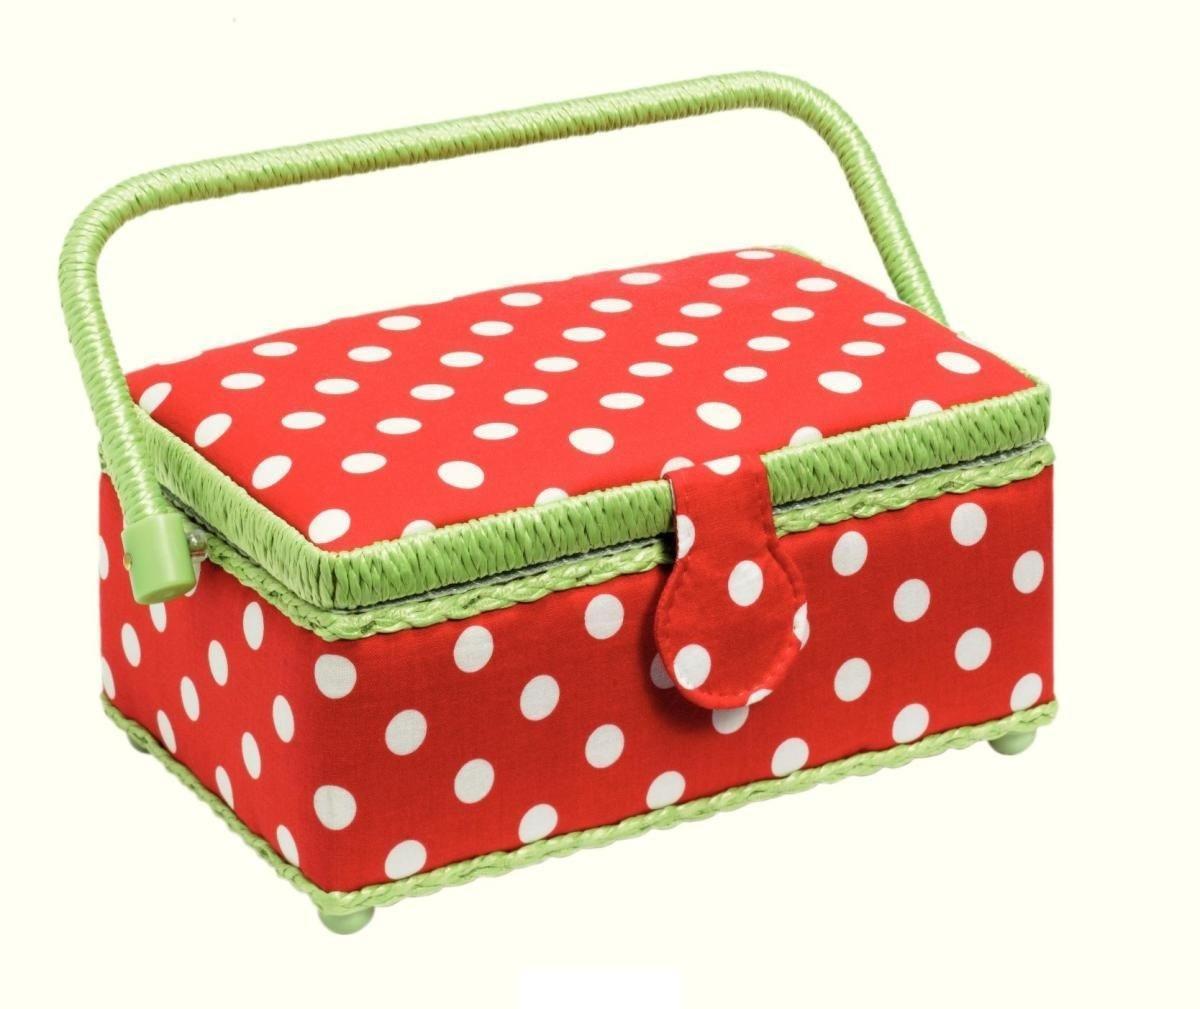 Шкатулка для рукоделия Polka dots (Горошек), цвет: красный, белый, зеленый, 24 х 16 см 11 см4002276122437Шкатулка для рукоделия в форме корзины. Выполнена в отличном дизайне с дуба темного цвета. Здесь вы можете хранить множество безделушек для своего любимого занятия. Отличный подарок на праздник для человека, которого вы любите и уважаете.